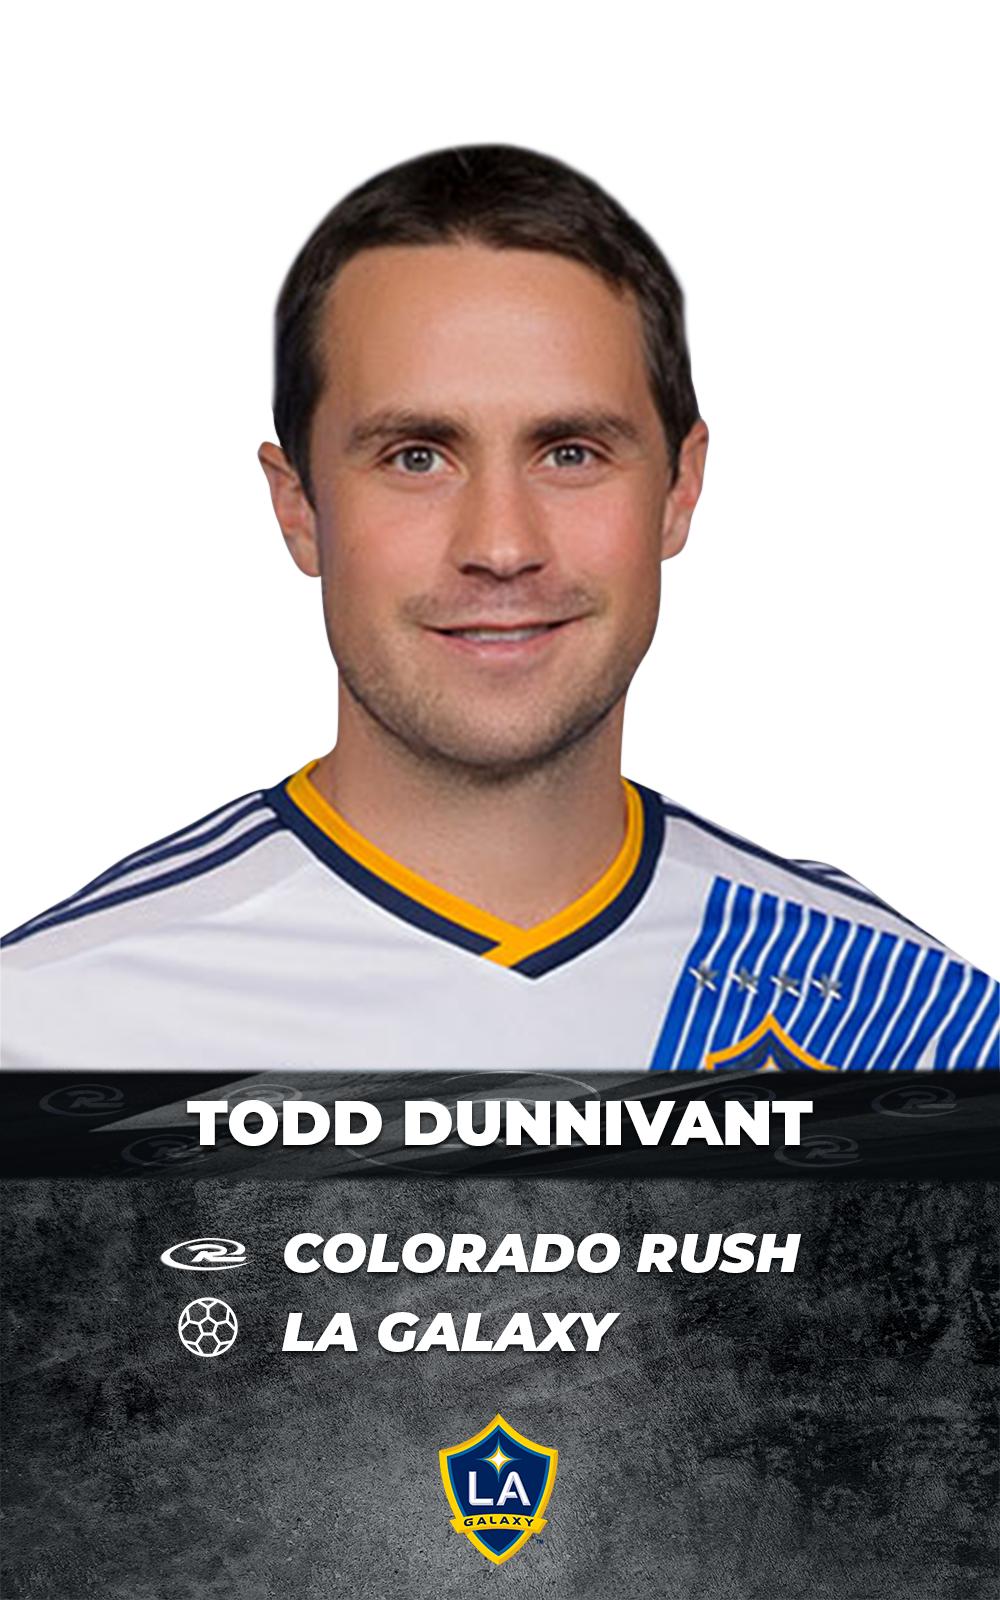 Todd-Dunnivant